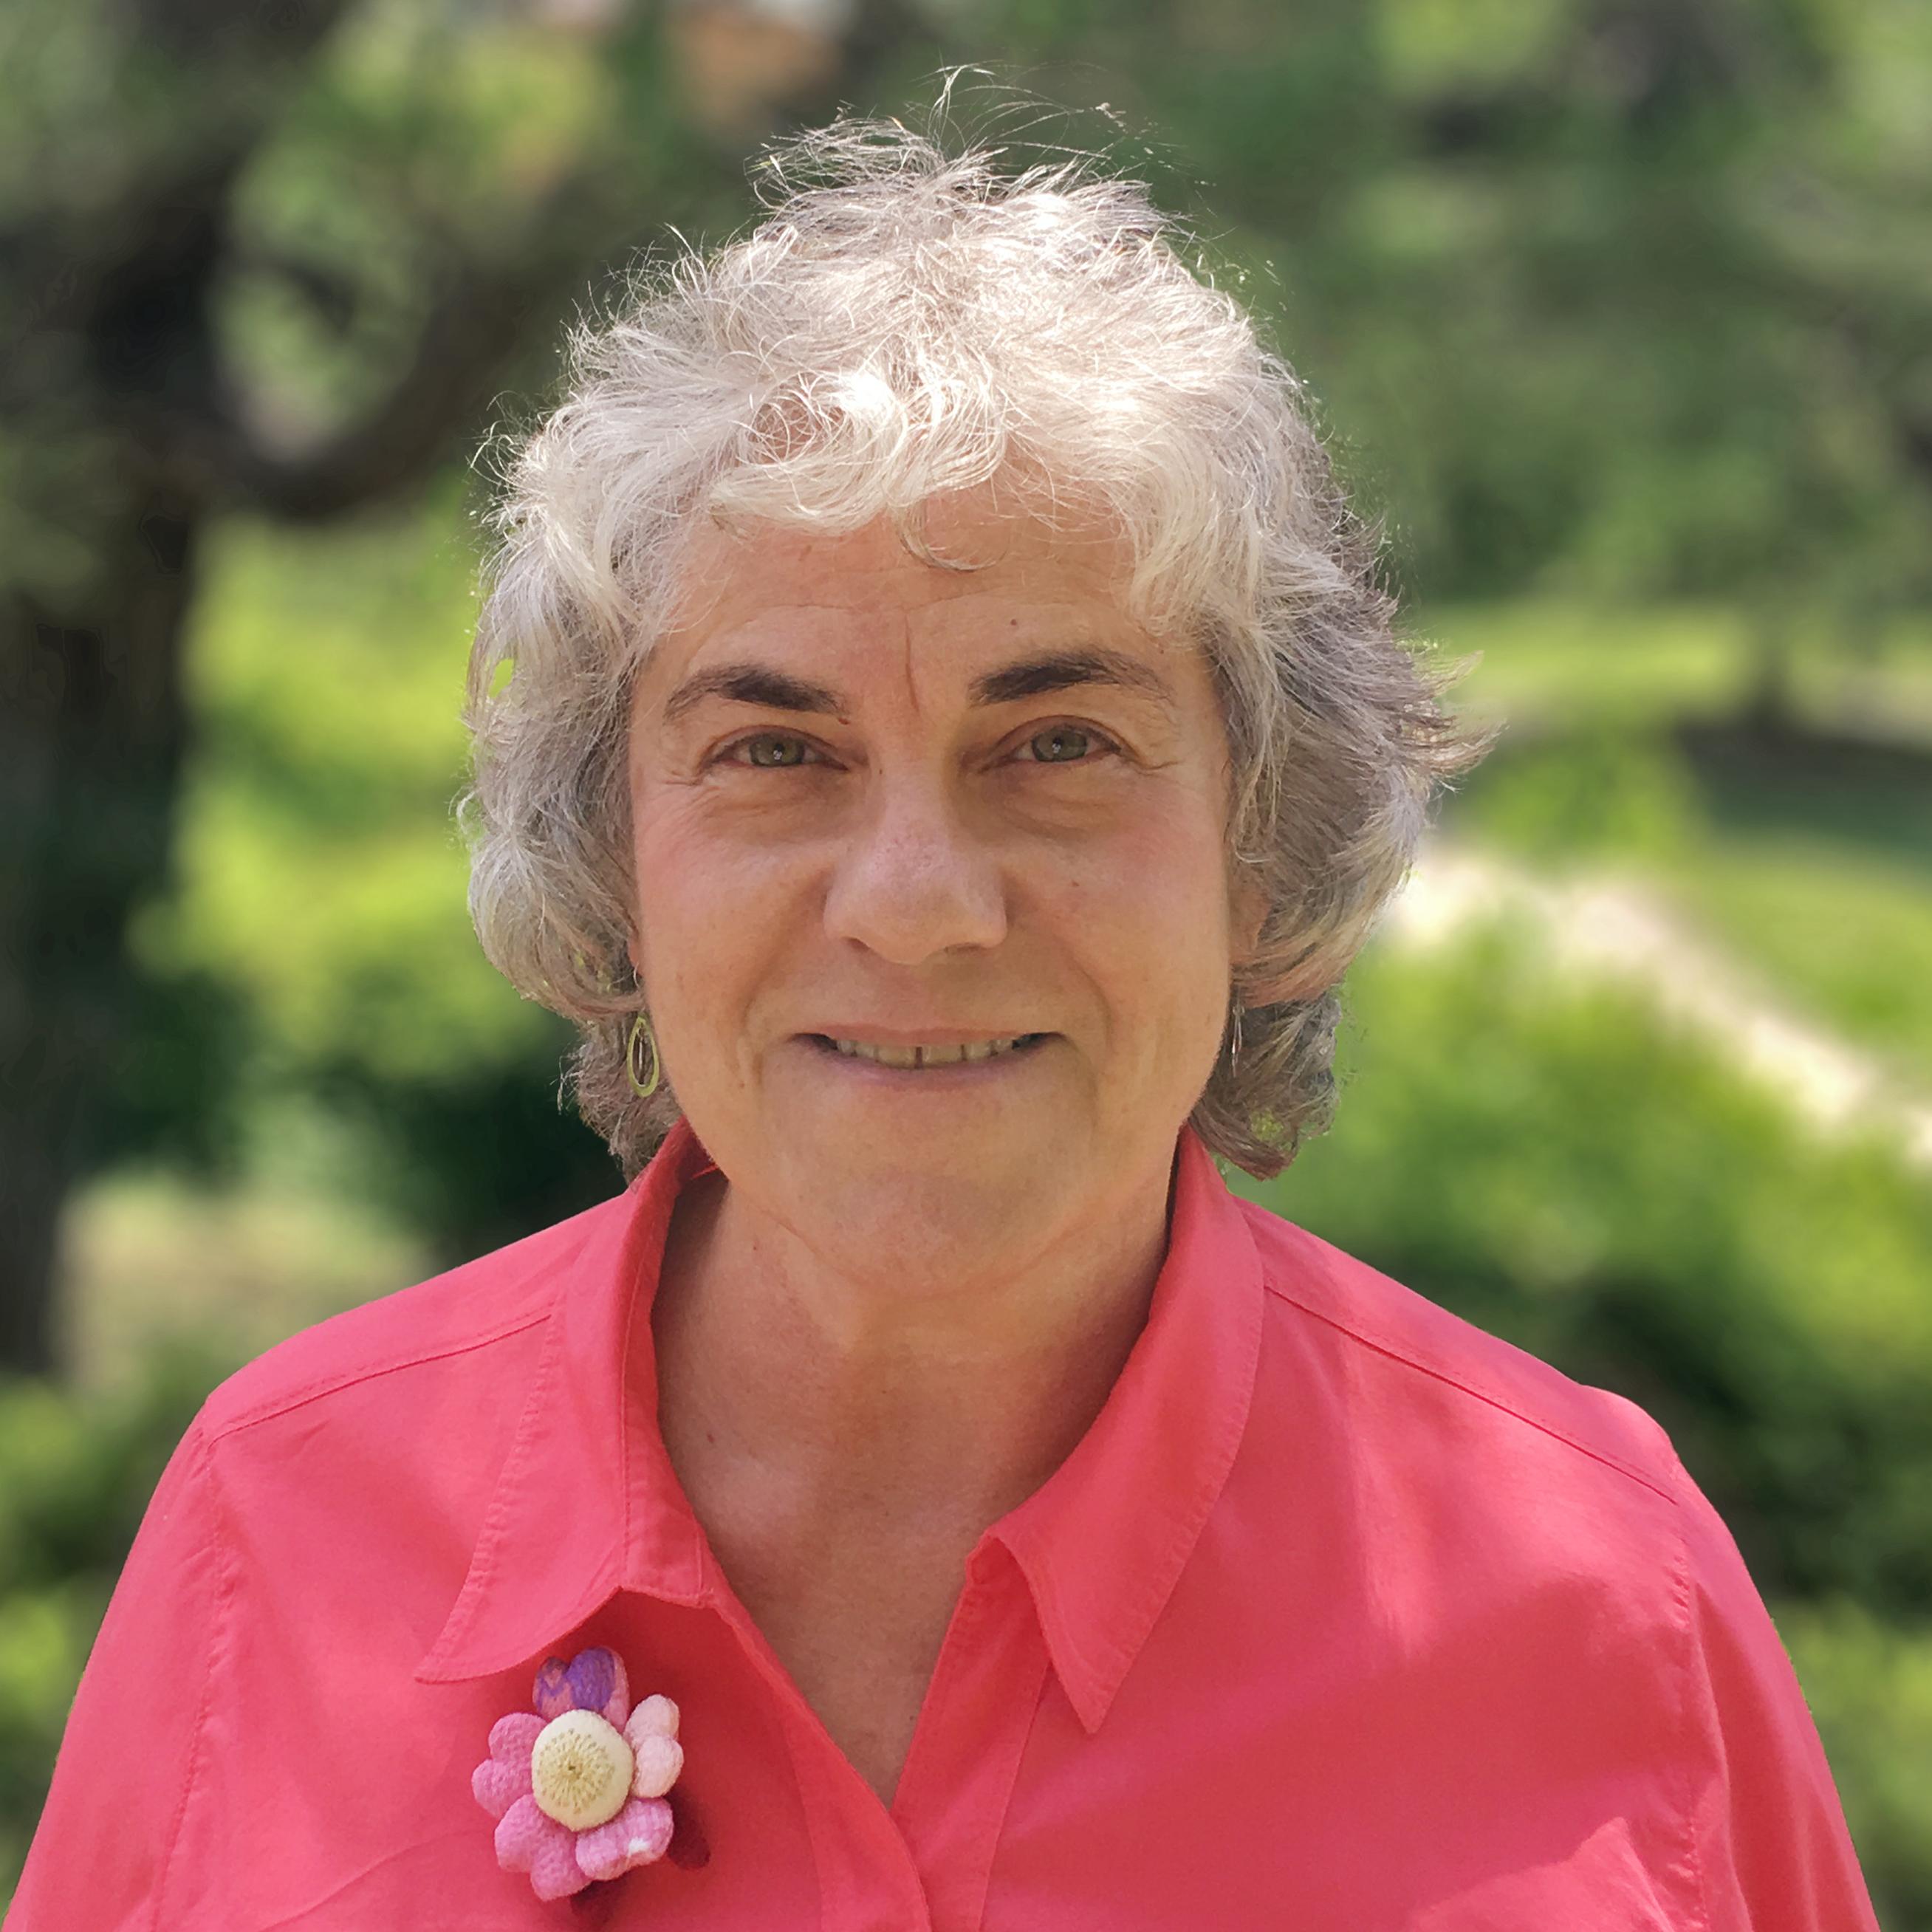 Sybil Armstrong